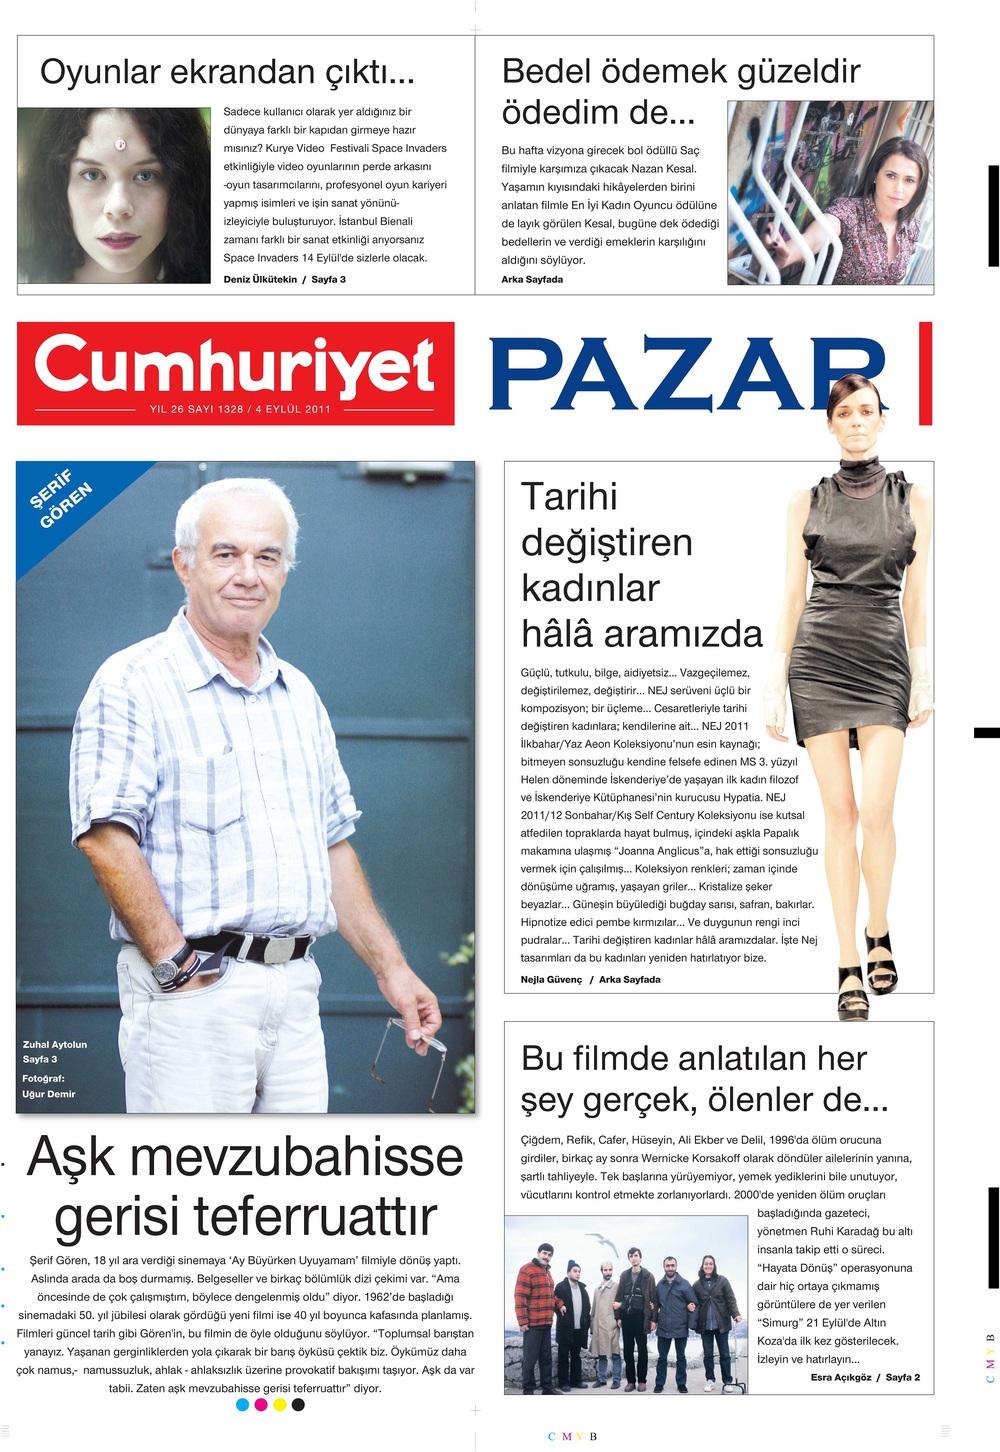 Cumhuriyet 04.09.11 kapak_low.jpg